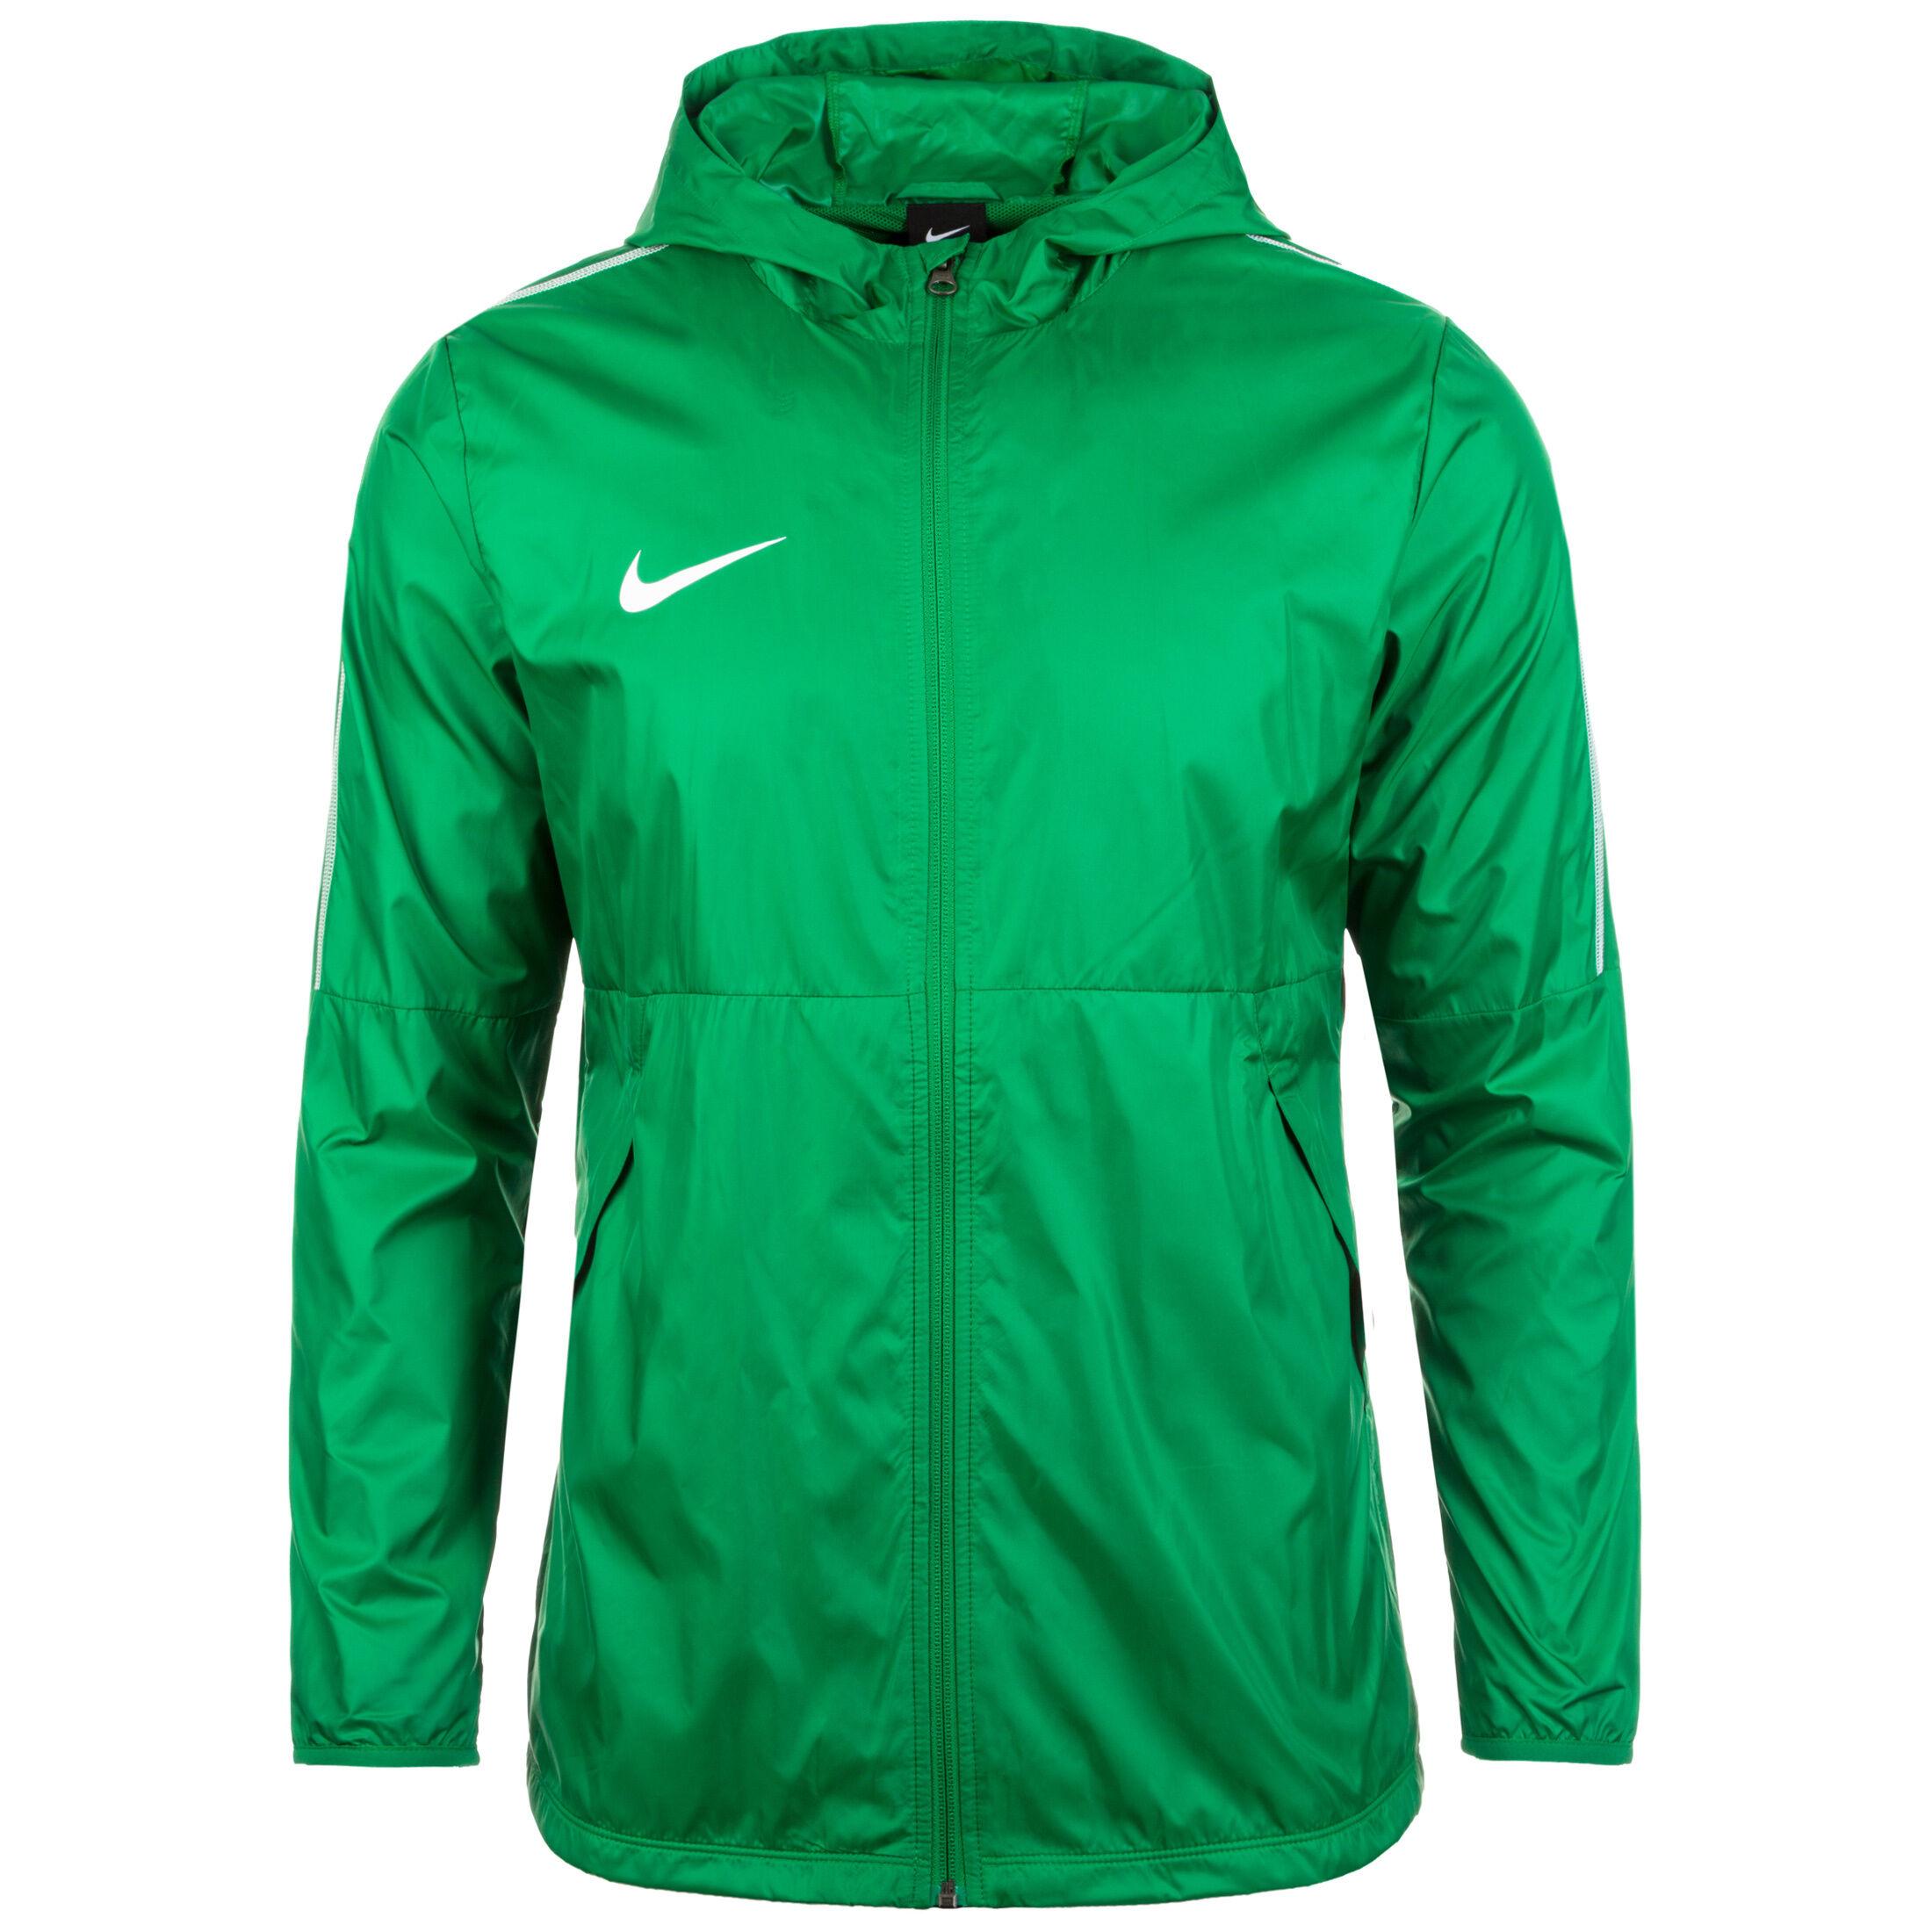 Nike Performance Herren bei Park rot OUTFITTER 18 Regenjacke Dry b7yv6gYf